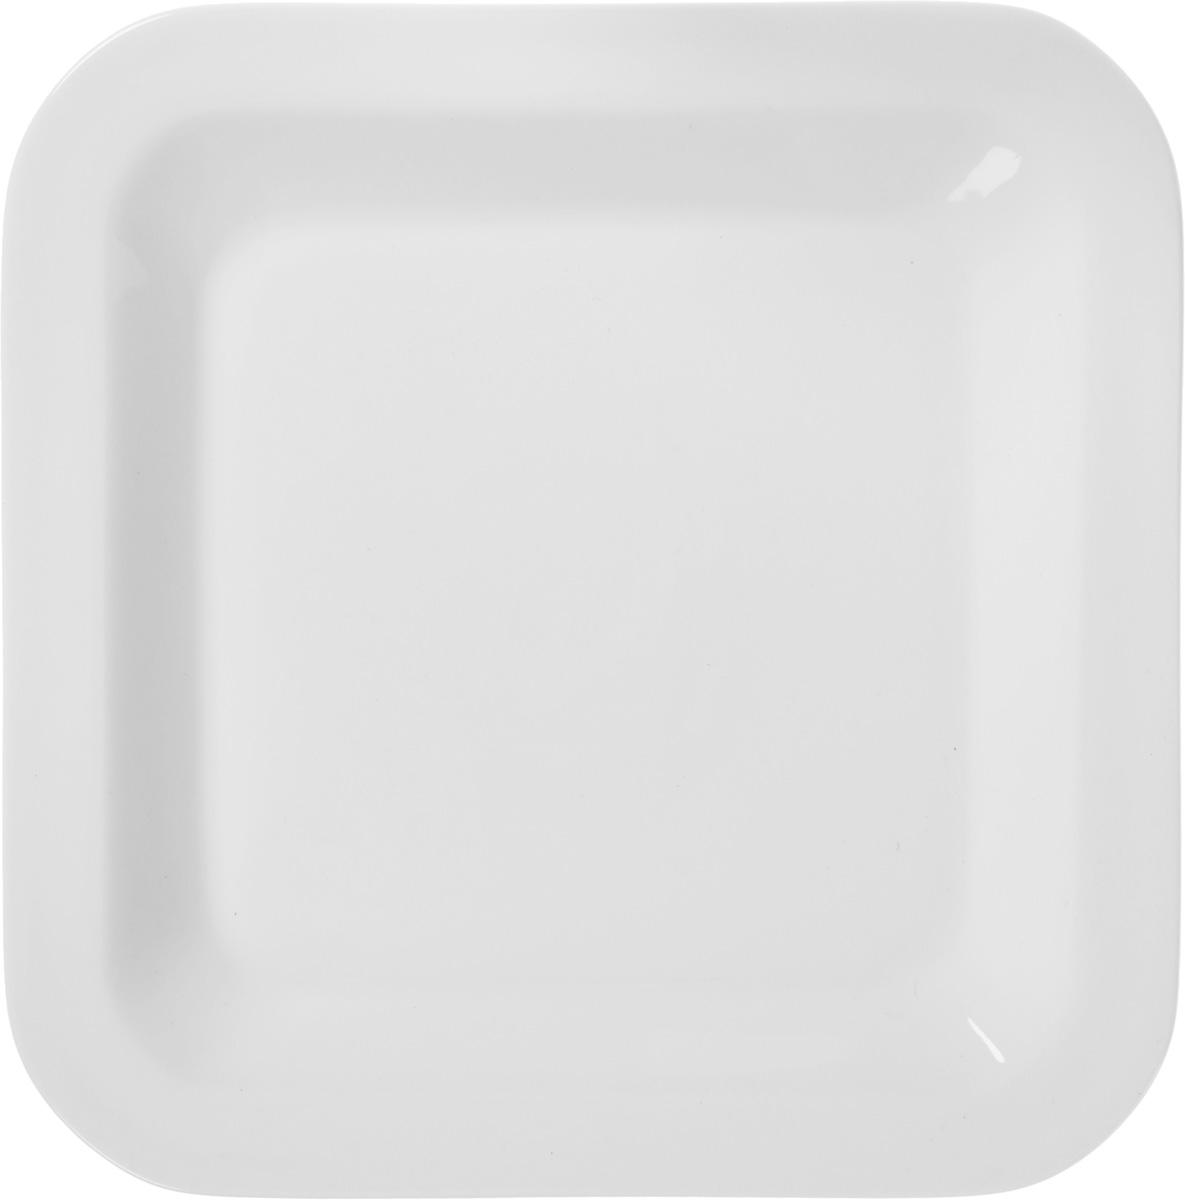 Тарелка десертная Tescoma Gustito, цвет: белый, 20 х 20см тарелка tescoma legend 385324